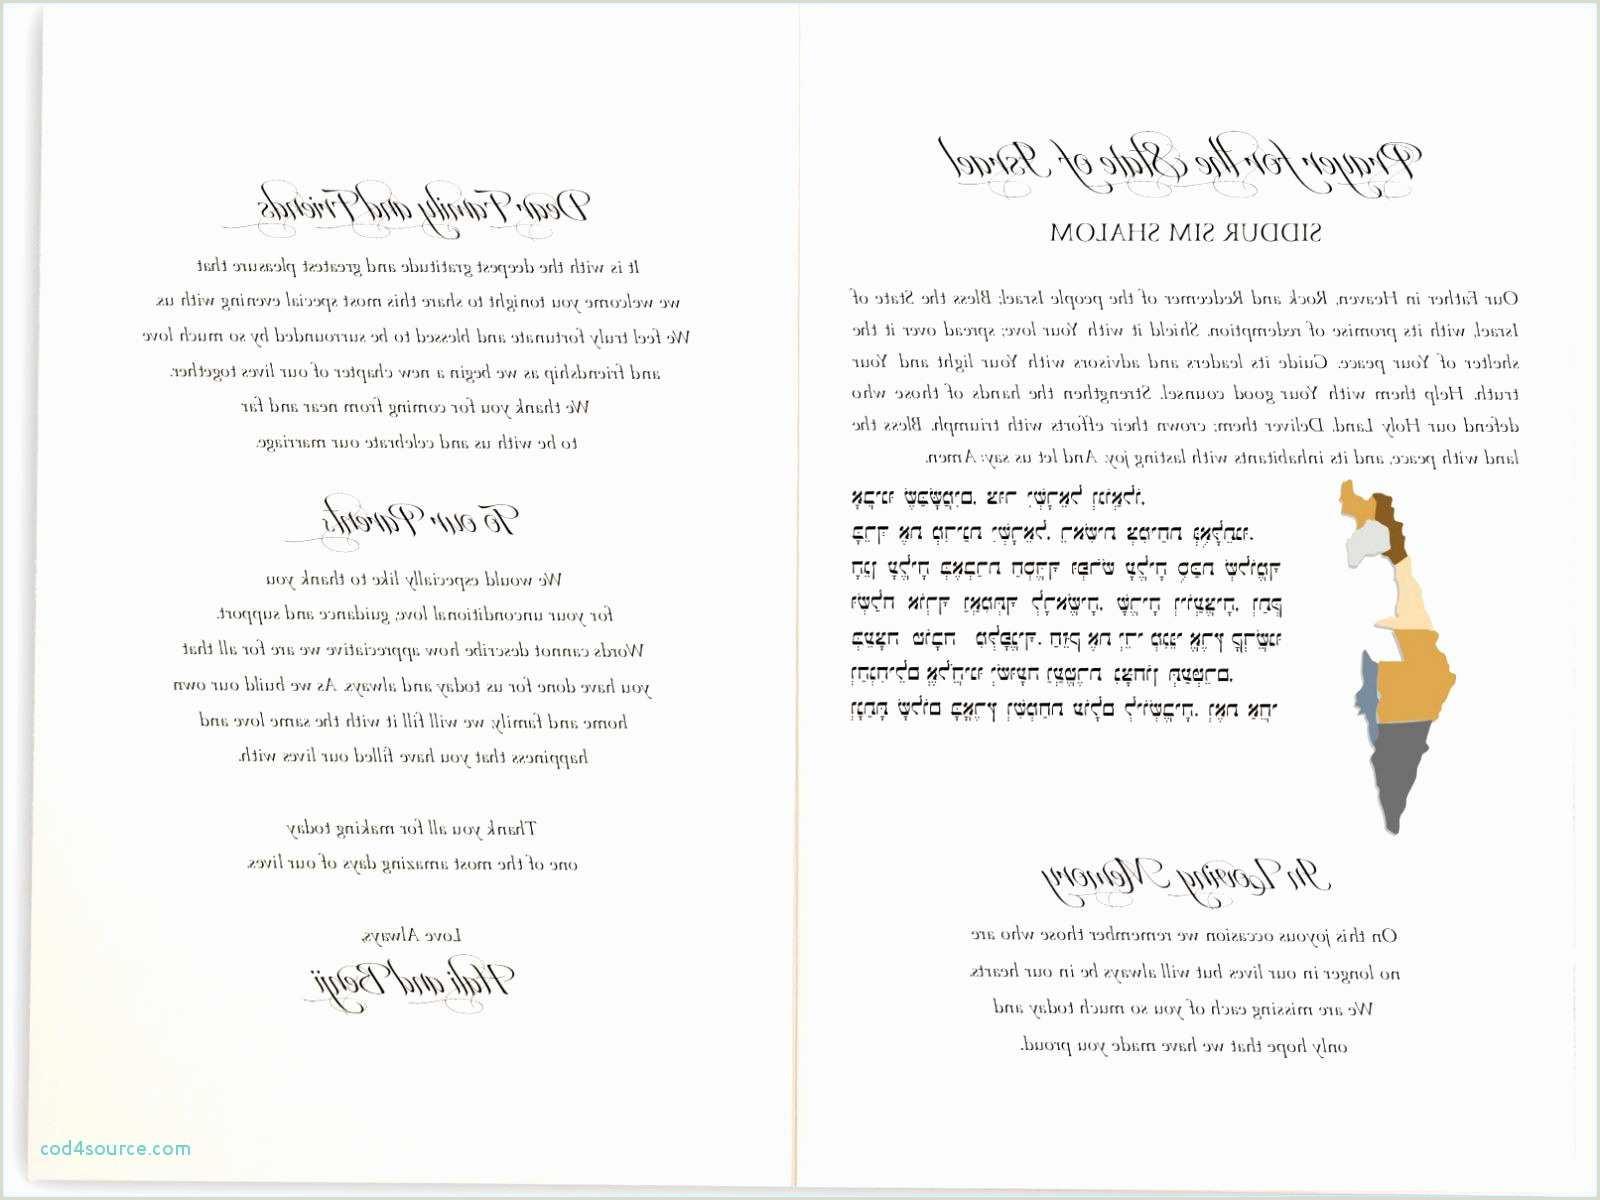 Hobby Lobby Wedding Invitation Template Instructions